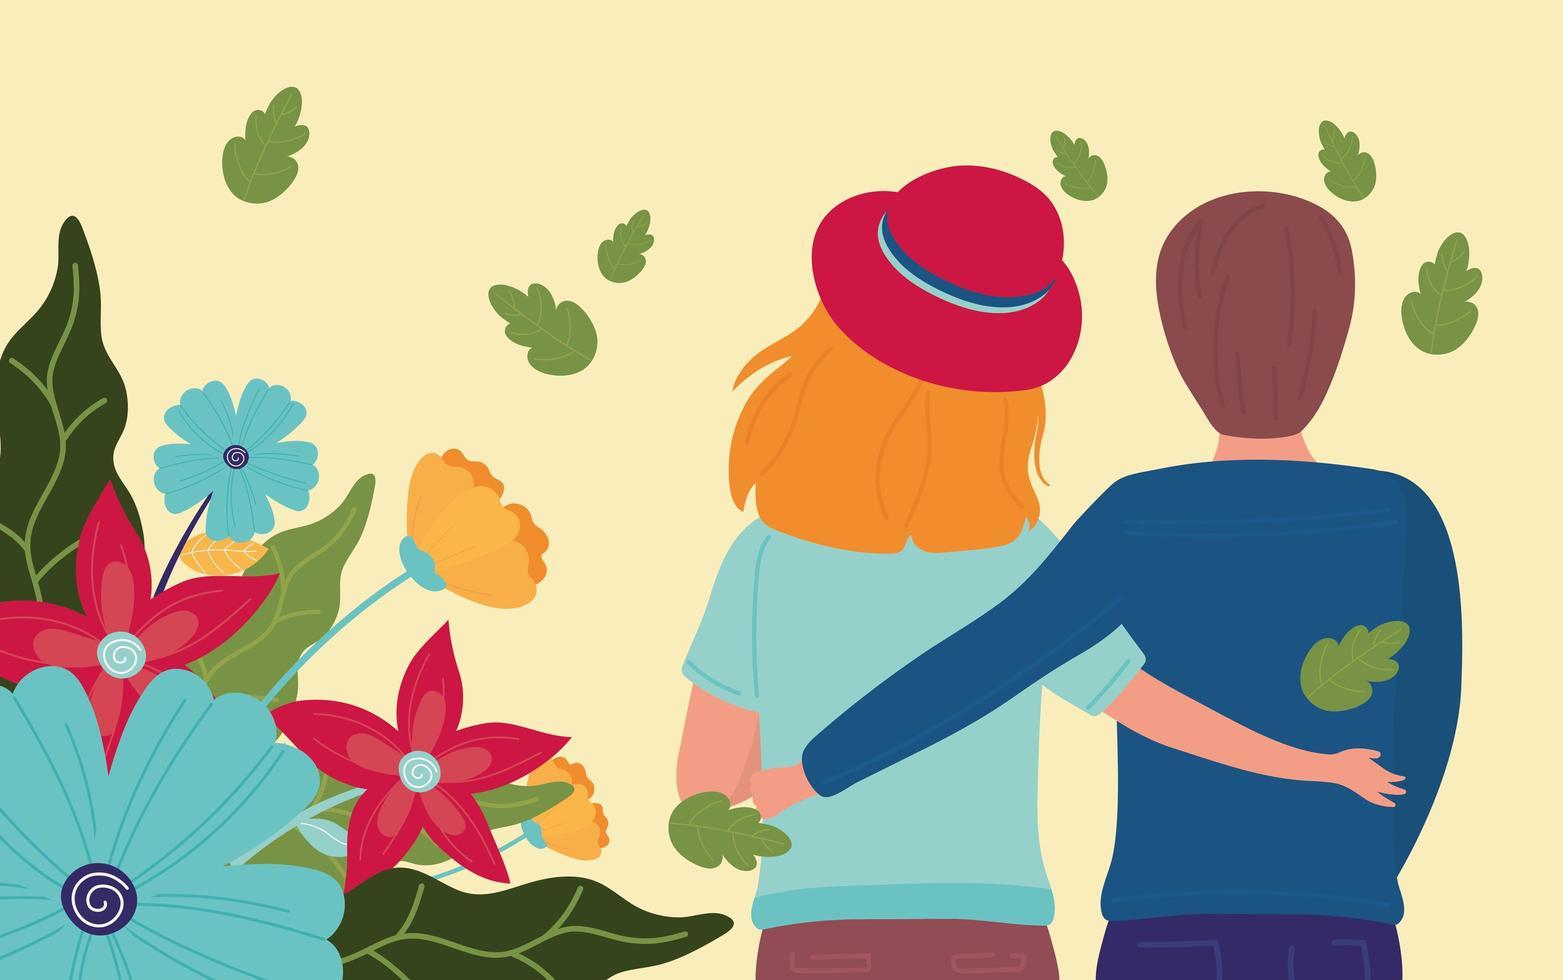 bannière de célébration de printemps avec couple et fleurs vecteur